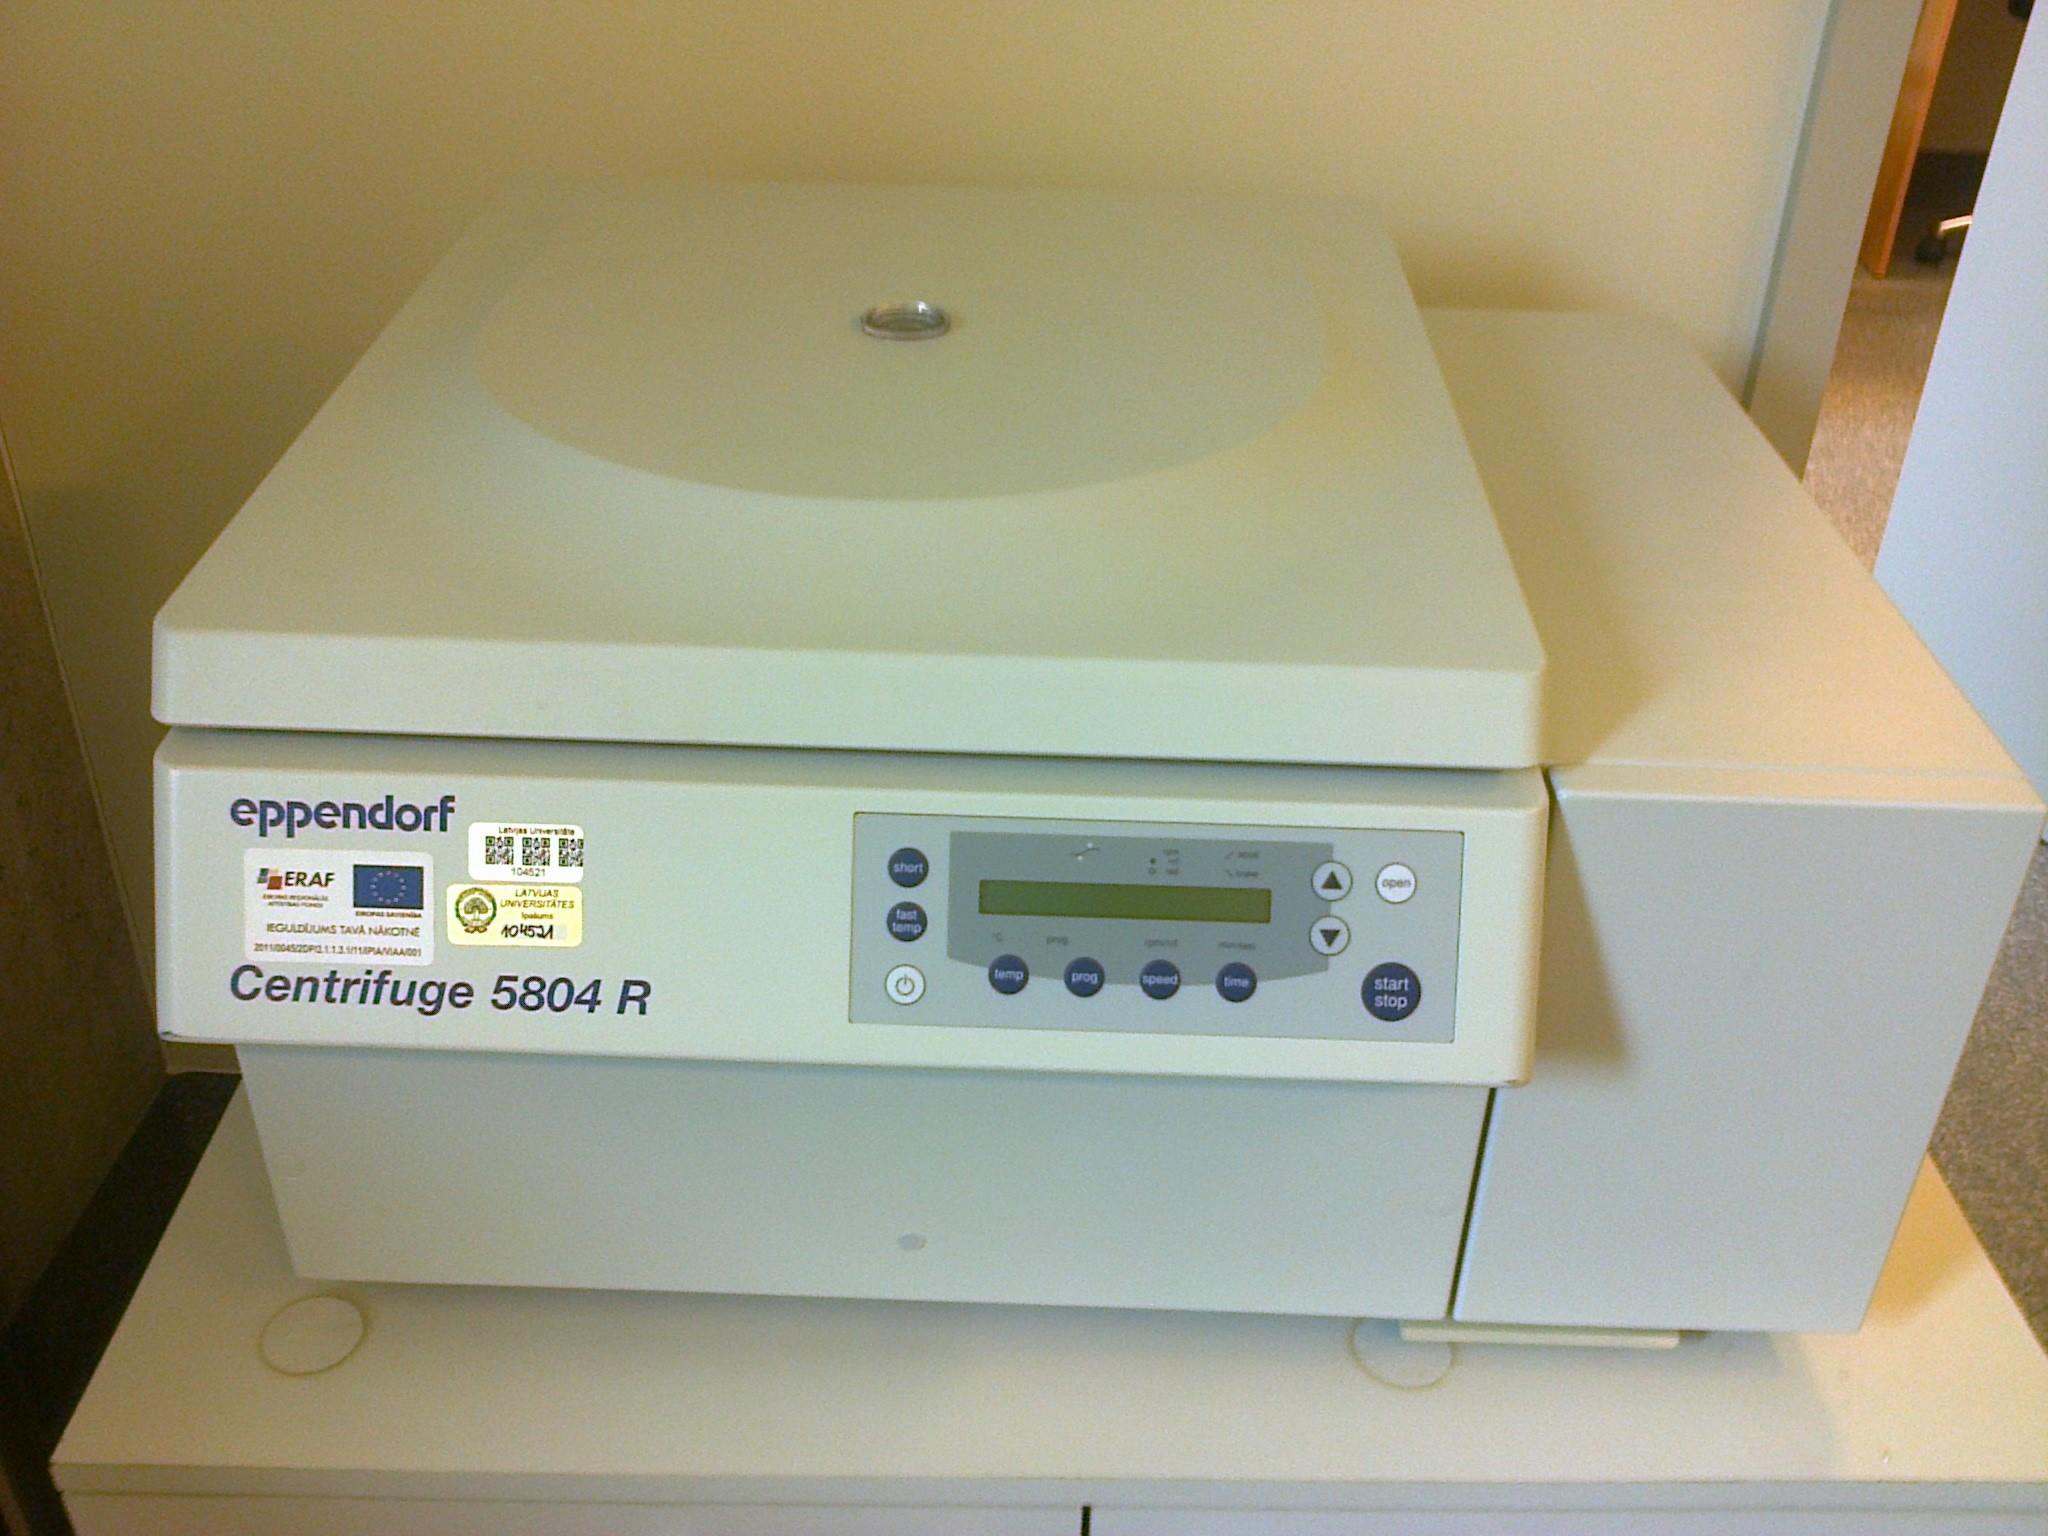 Refrigerated centrifuge 5804 R, Eppendorf